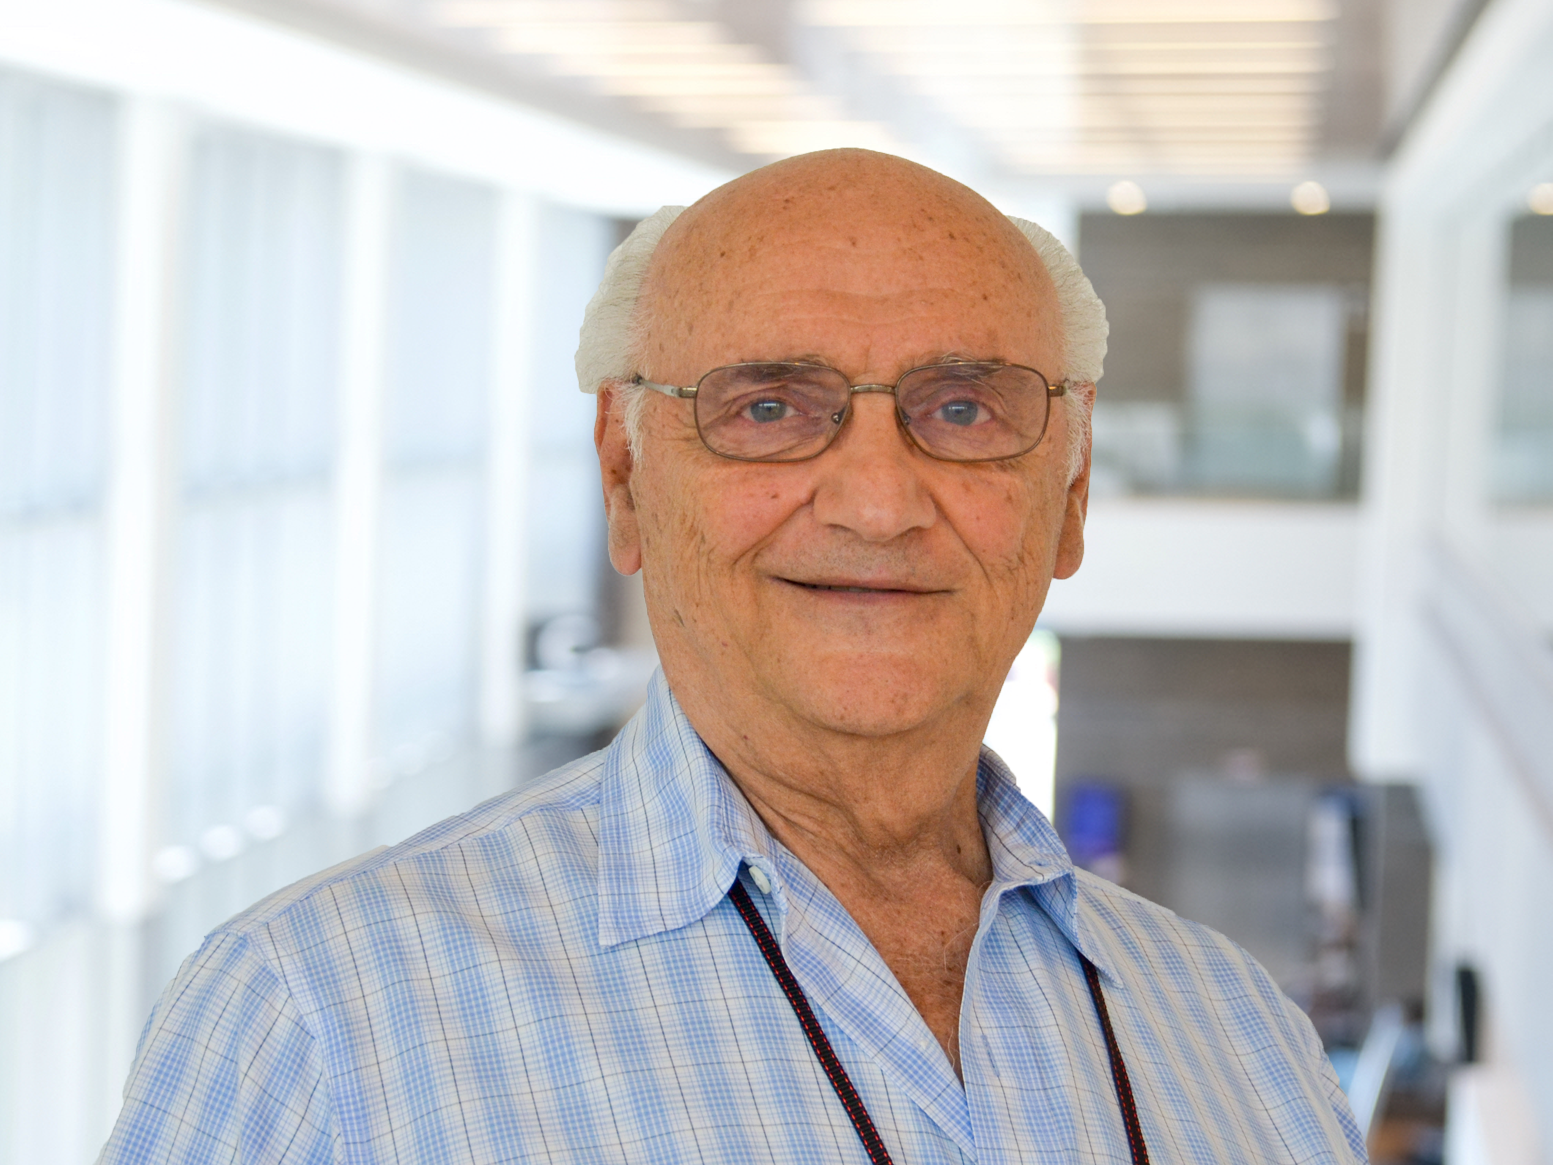 Dr. Sam Berger